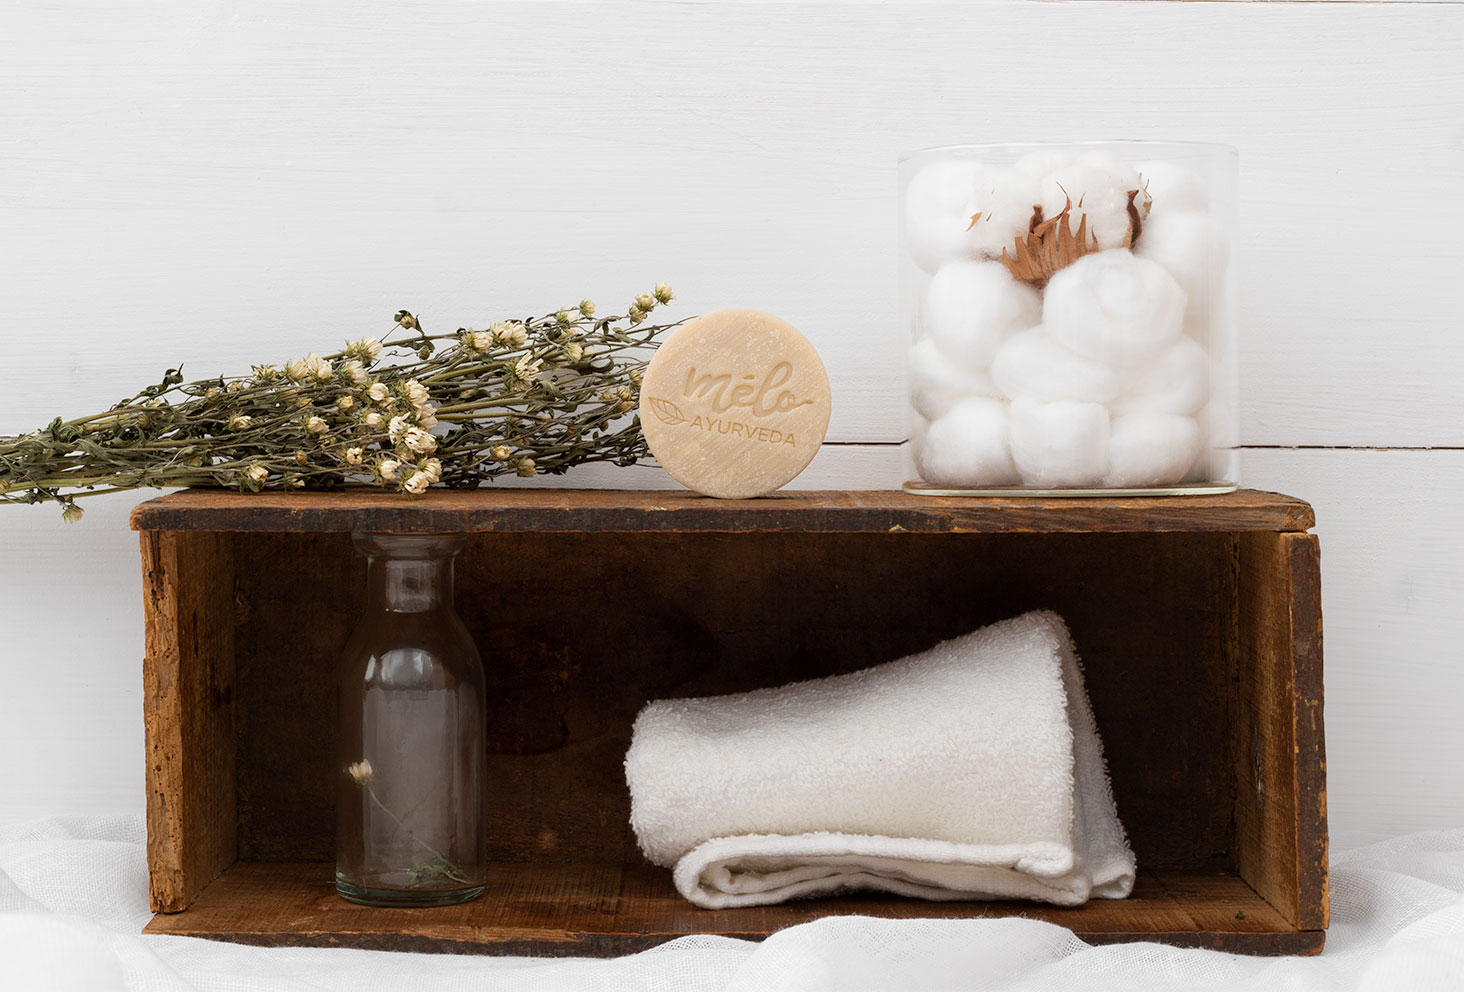 Découverte du shampoing solide dans la salle de bain